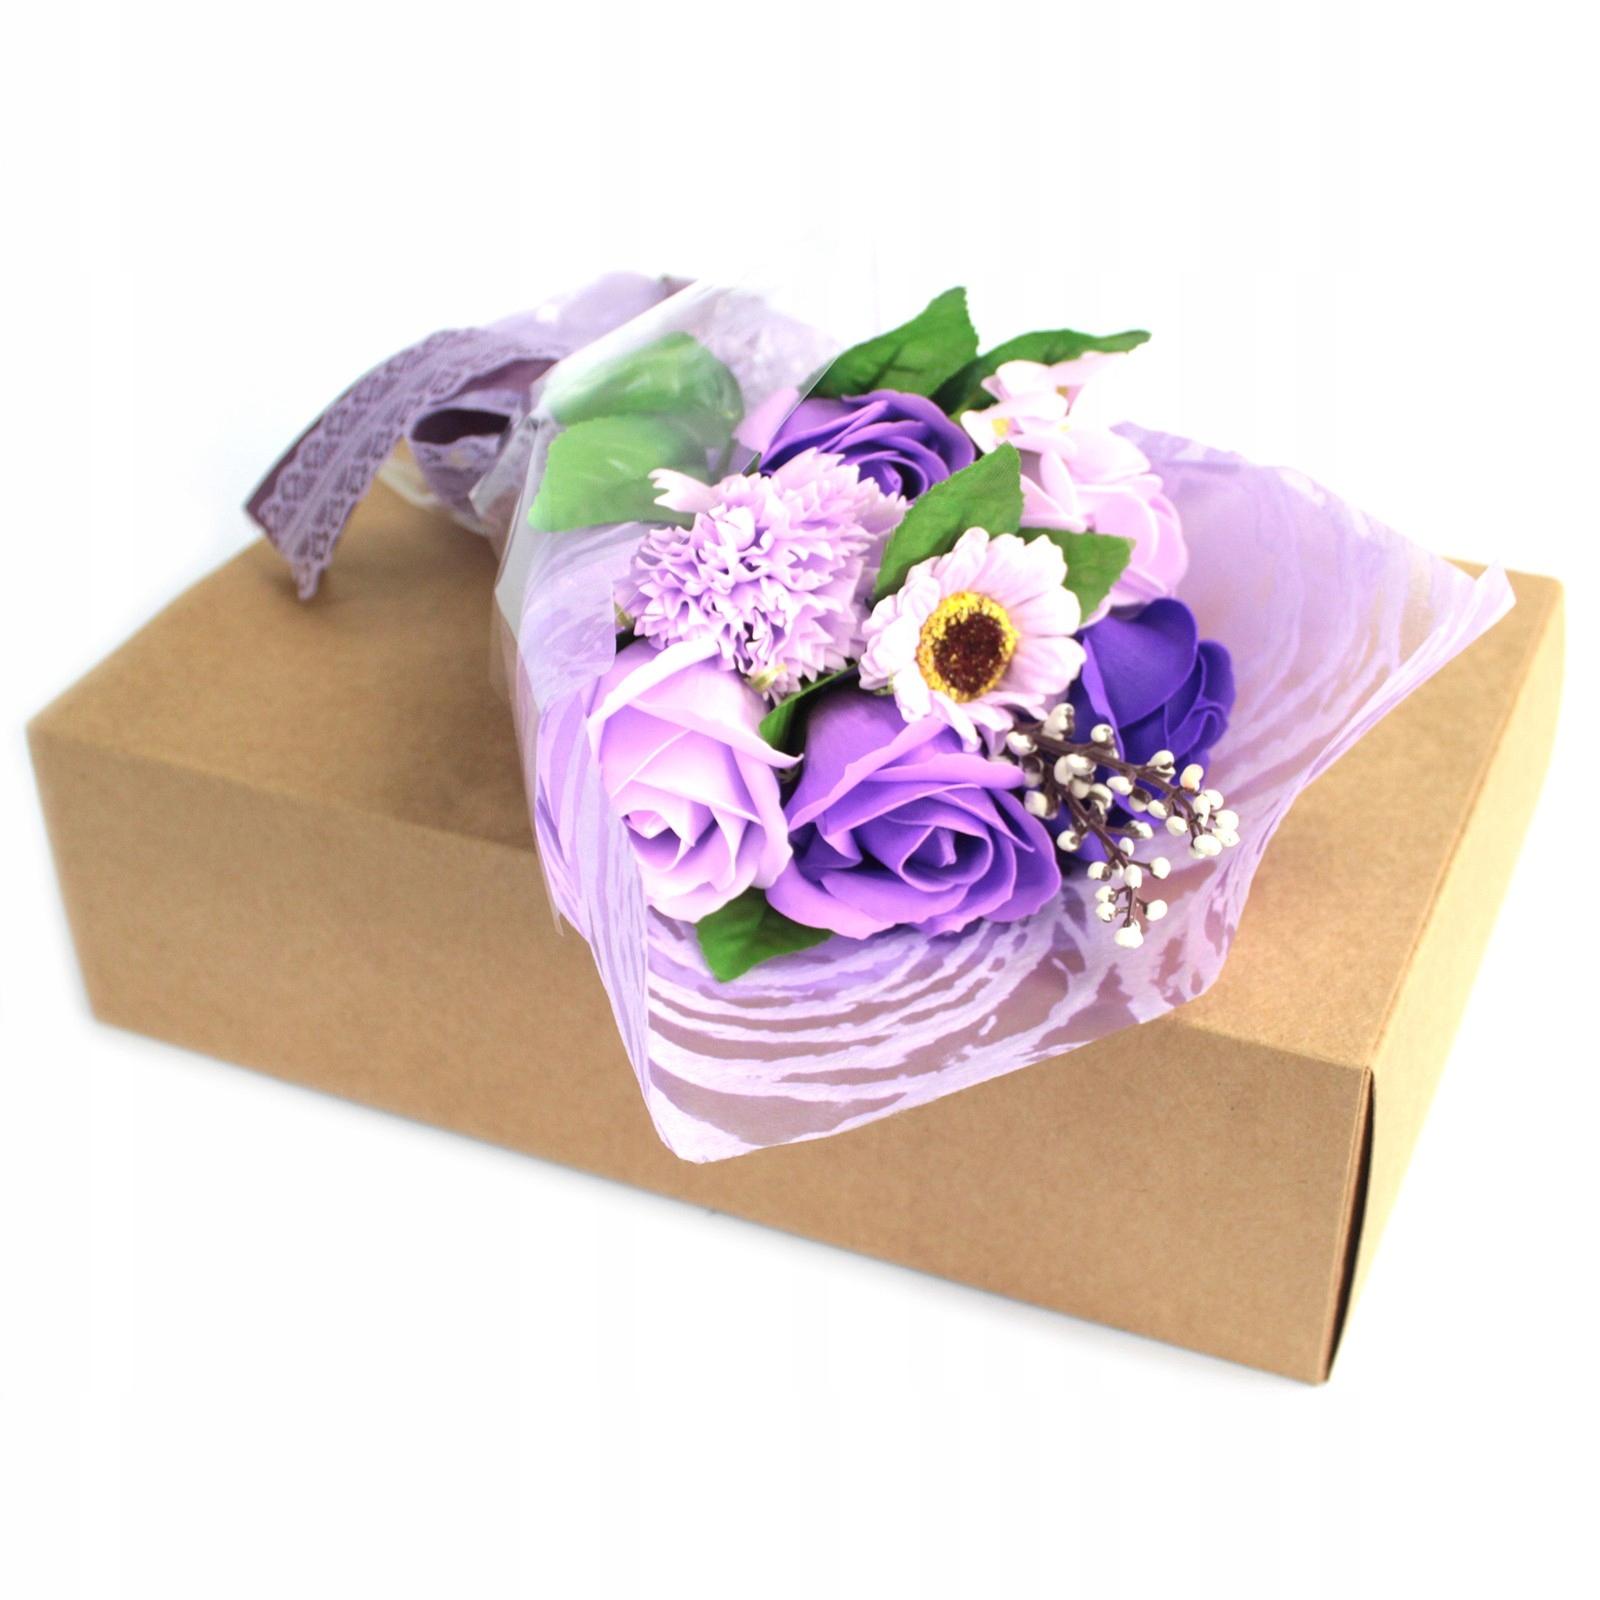 Mydlany Bukiet Kwiatowy fioletowe Róże